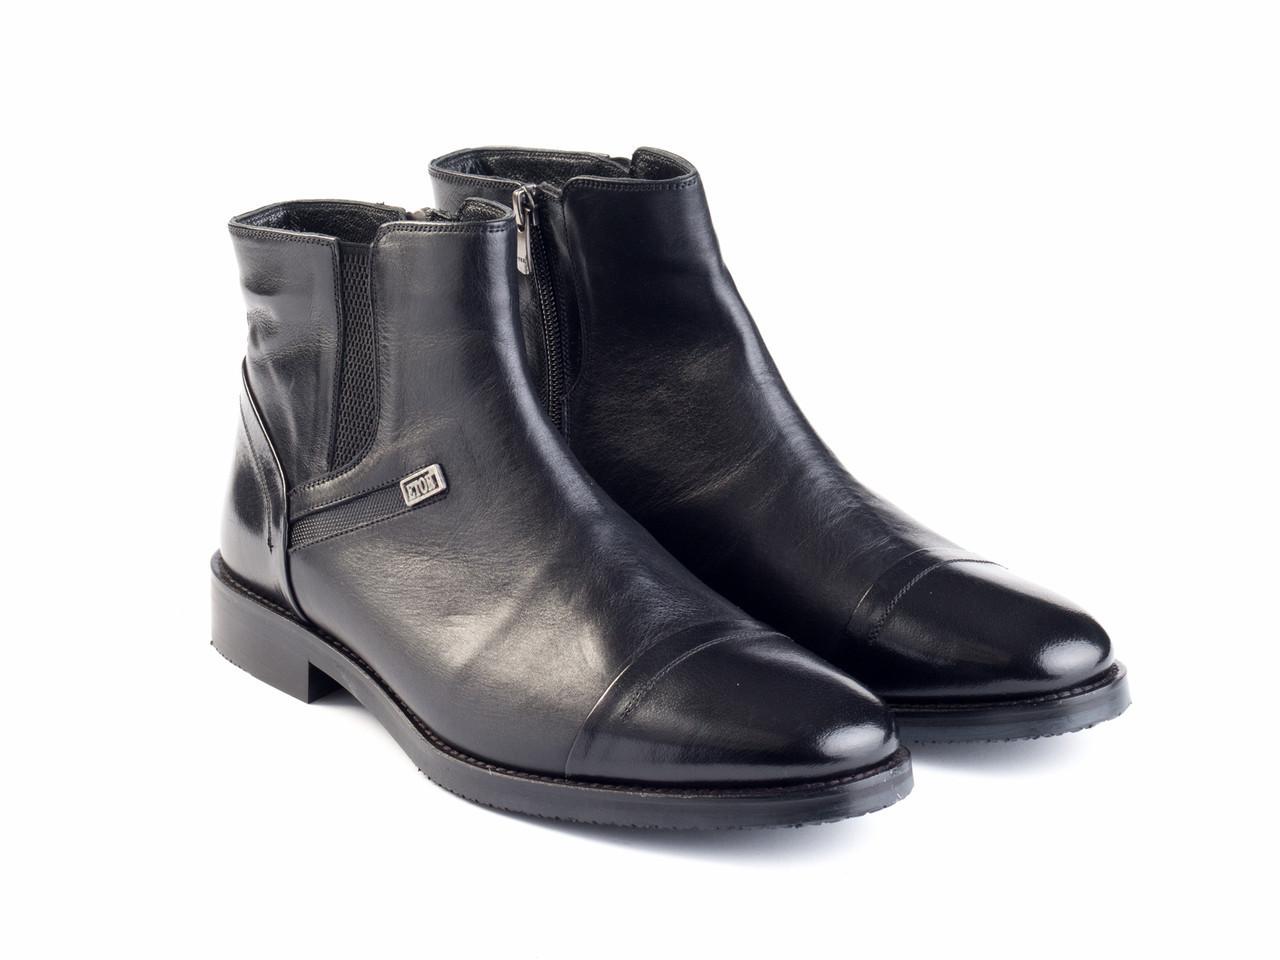 Ботинки Etor 13985-72-66 43 черные